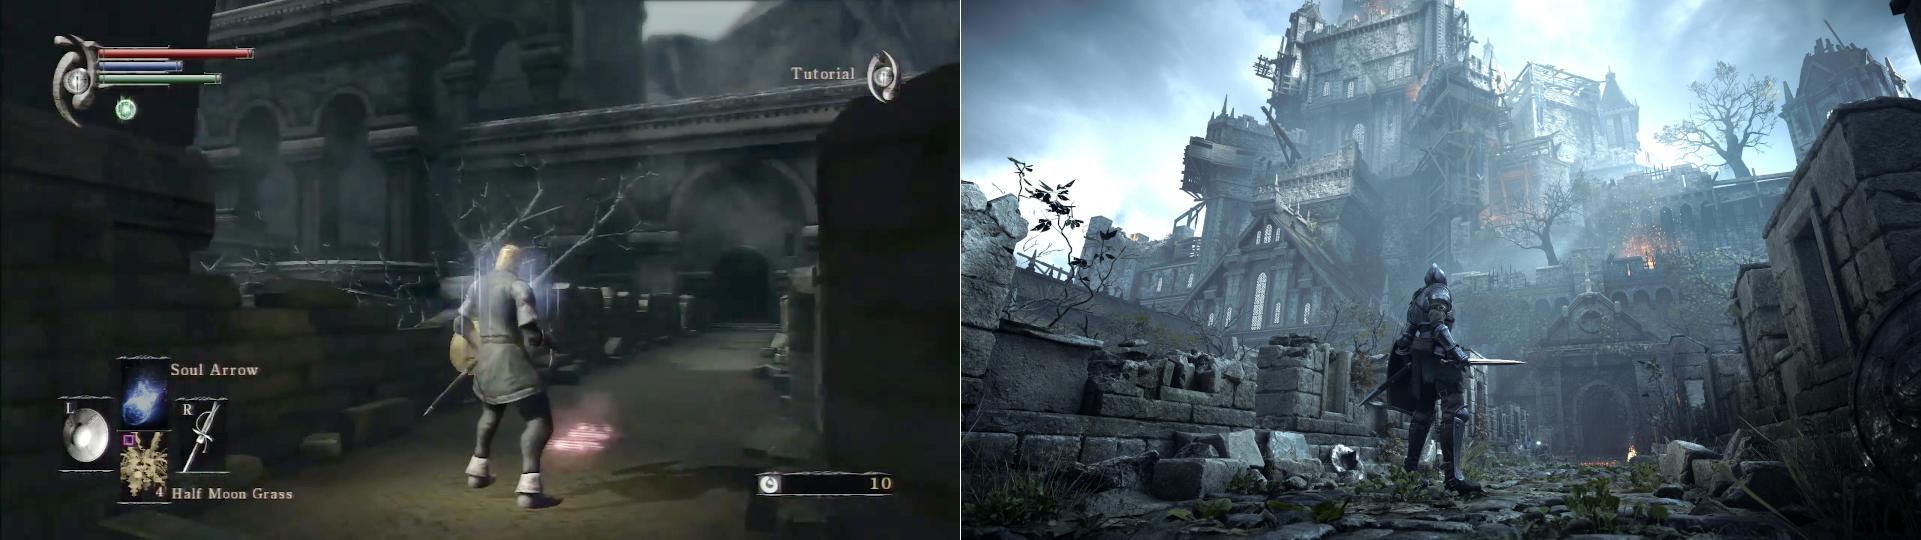 2vStNYl 1 - PS4からPS5でそれほどグラが変わってるように見えないんだけど…